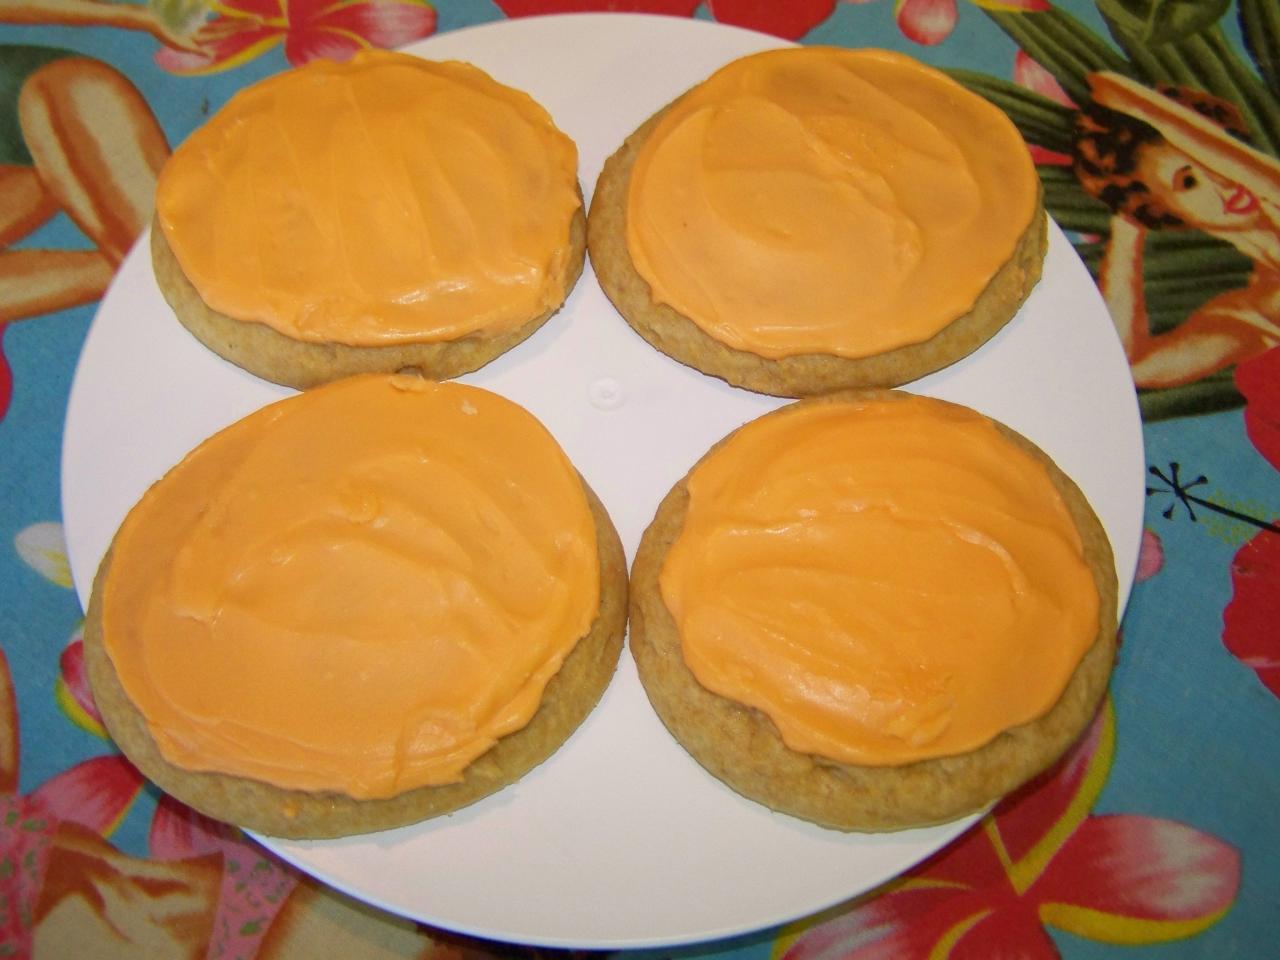 Oranges 'n Cream Cookies